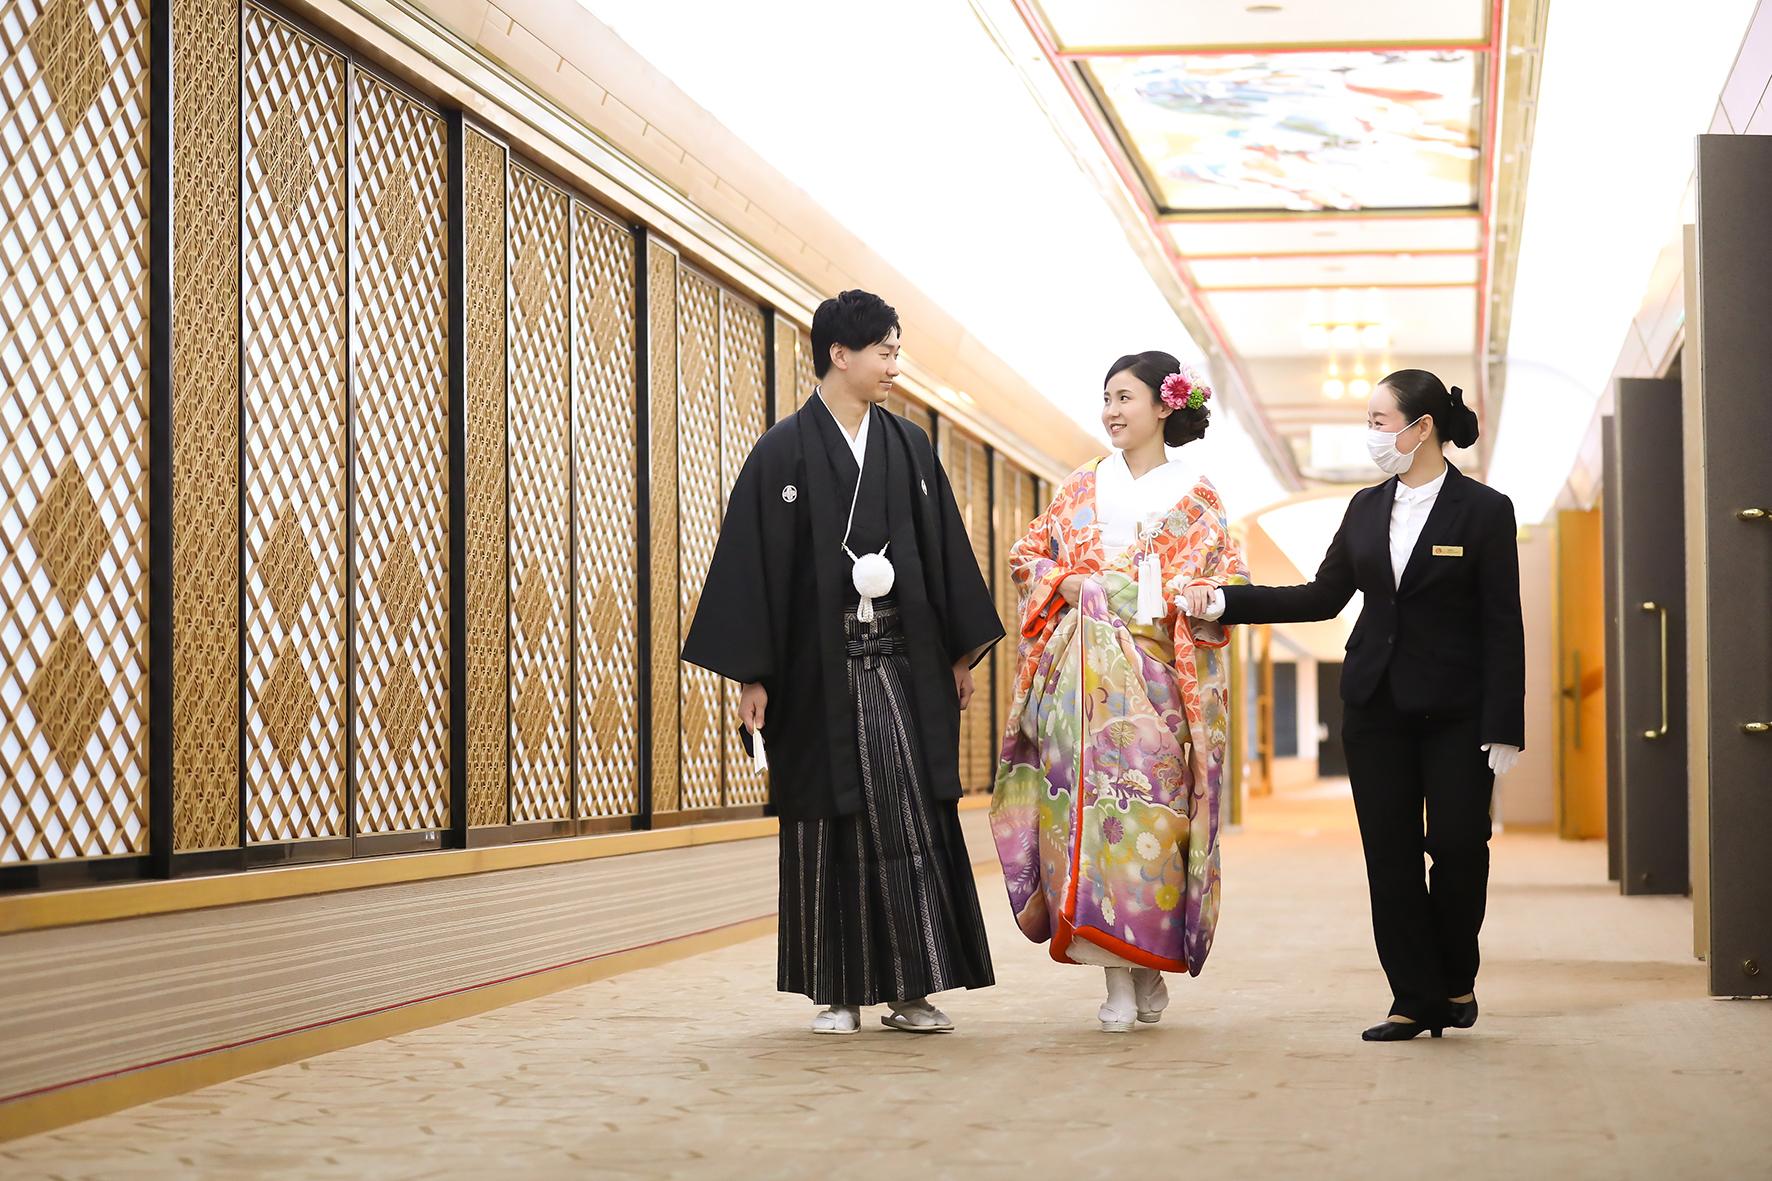 「結婚式をプレゼント」 ホテル雅叙園東京がコロナ禍で結婚式を諦めた新郎新婦に「絆ウエディング」を実施